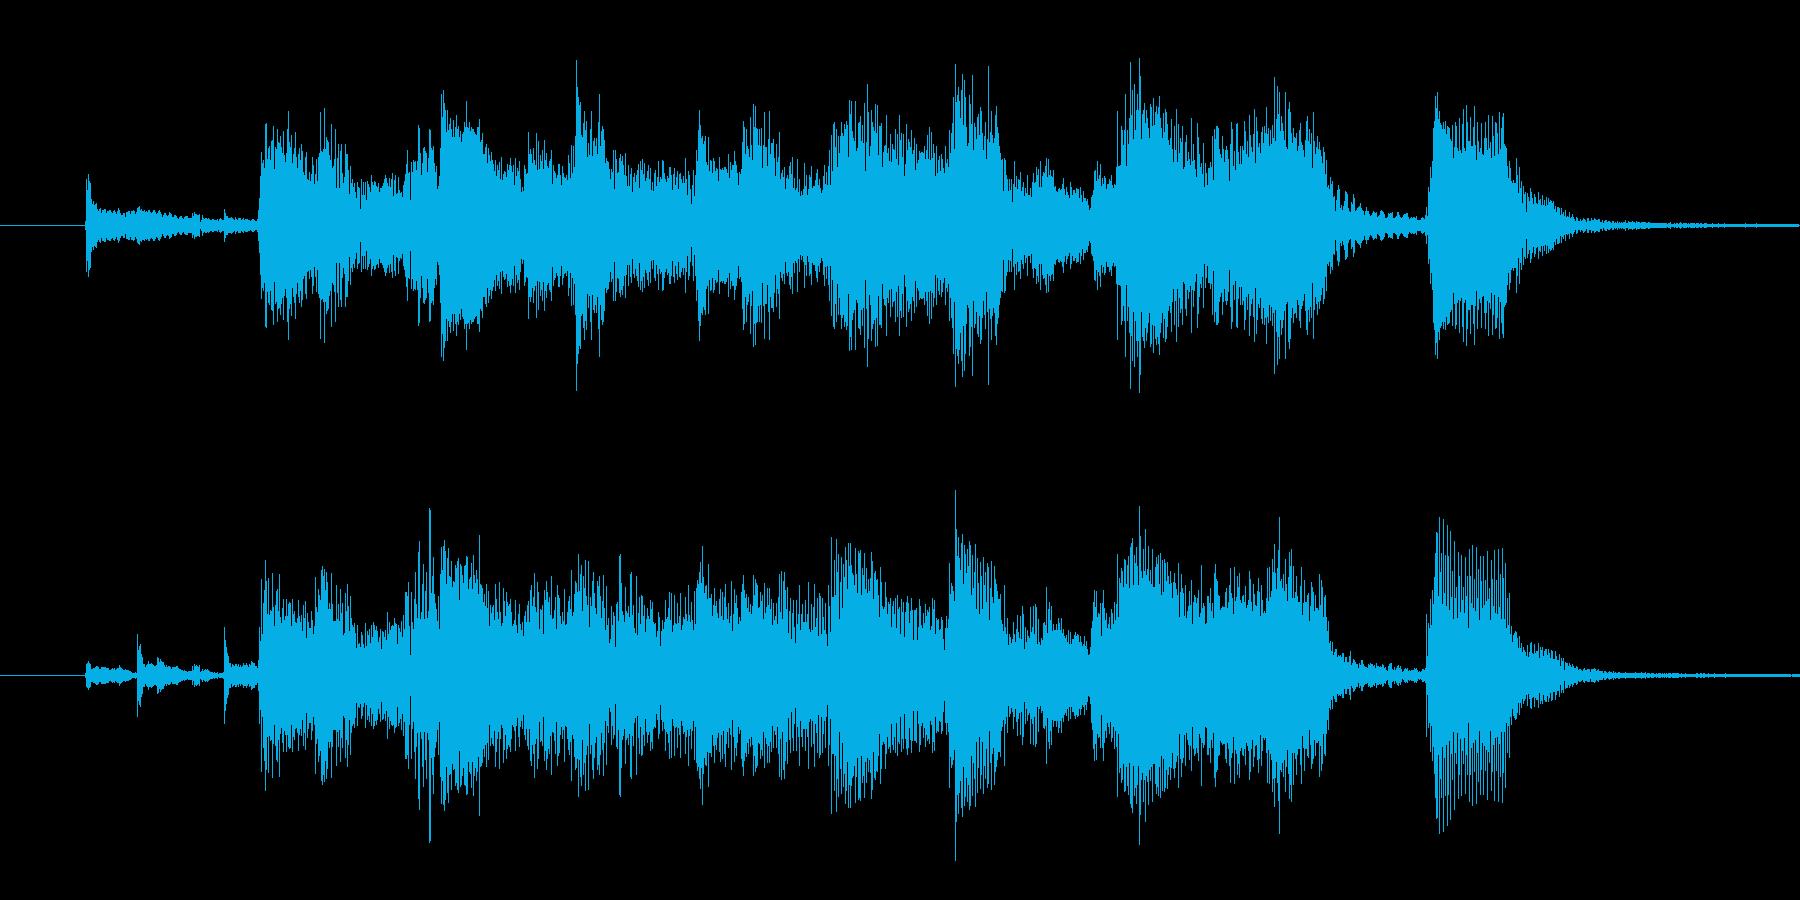 ビッグバンド・ゴージャス・ジングルの再生済みの波形